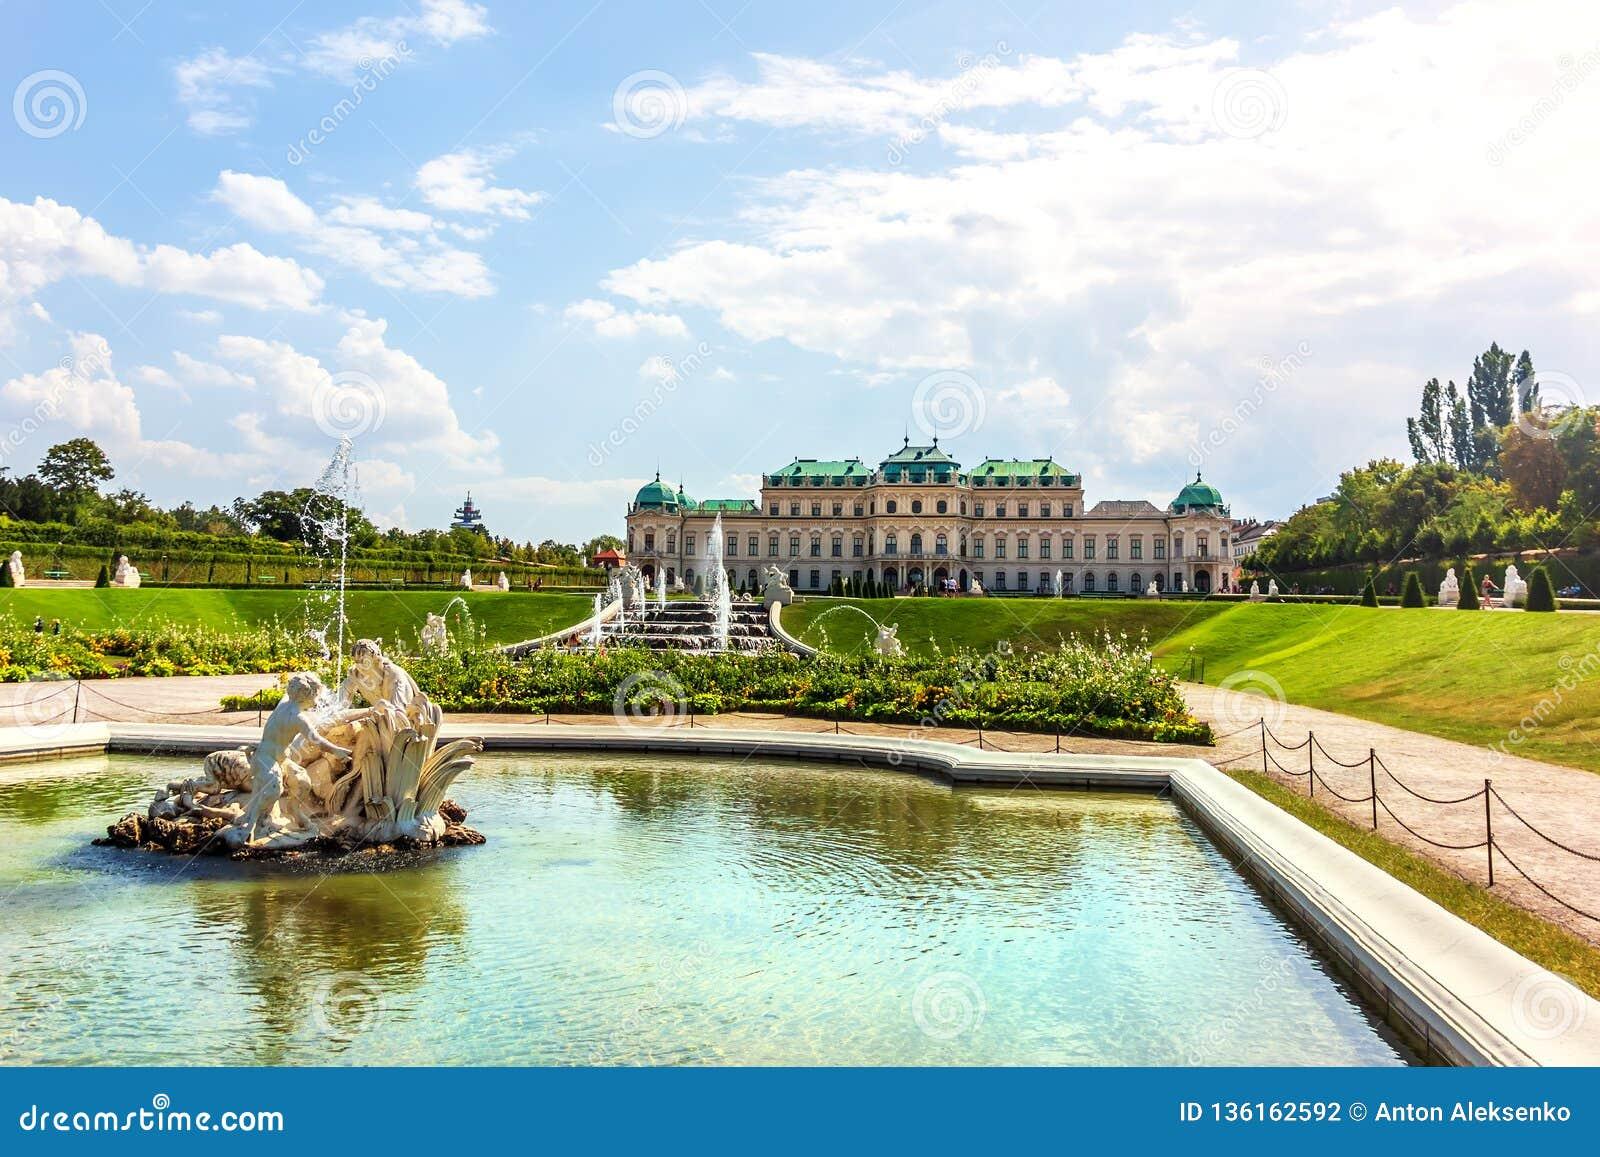 Palácio superior do Belvedere e a fonte em Viena, Áustria